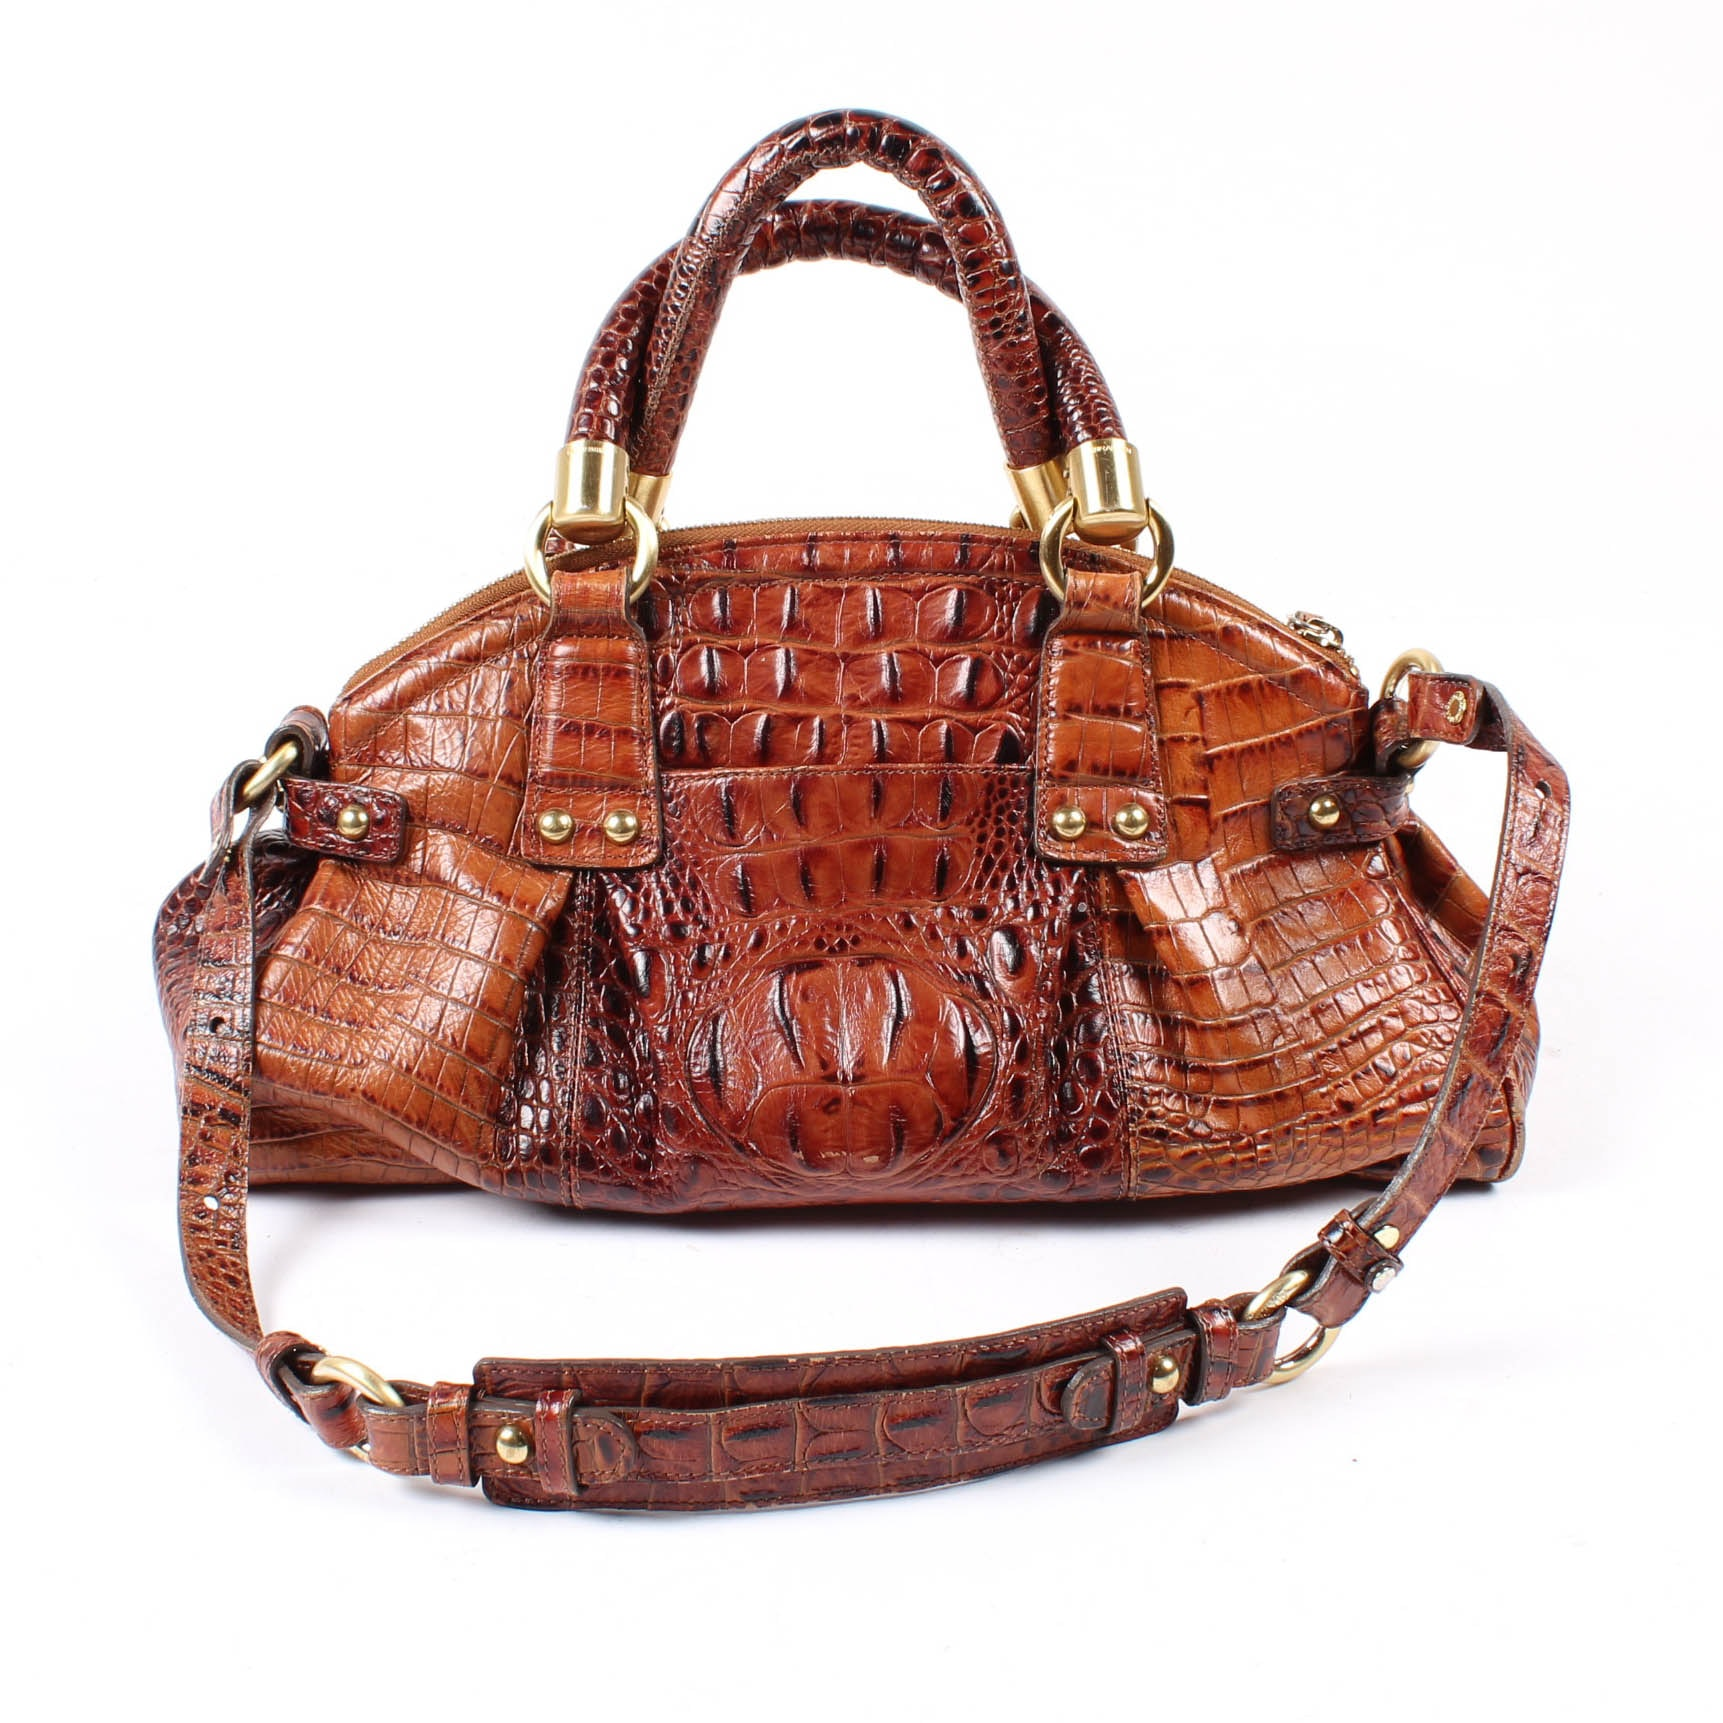 Brahmin Crocodile Embossed Leather Handbag with Shoulder Strap